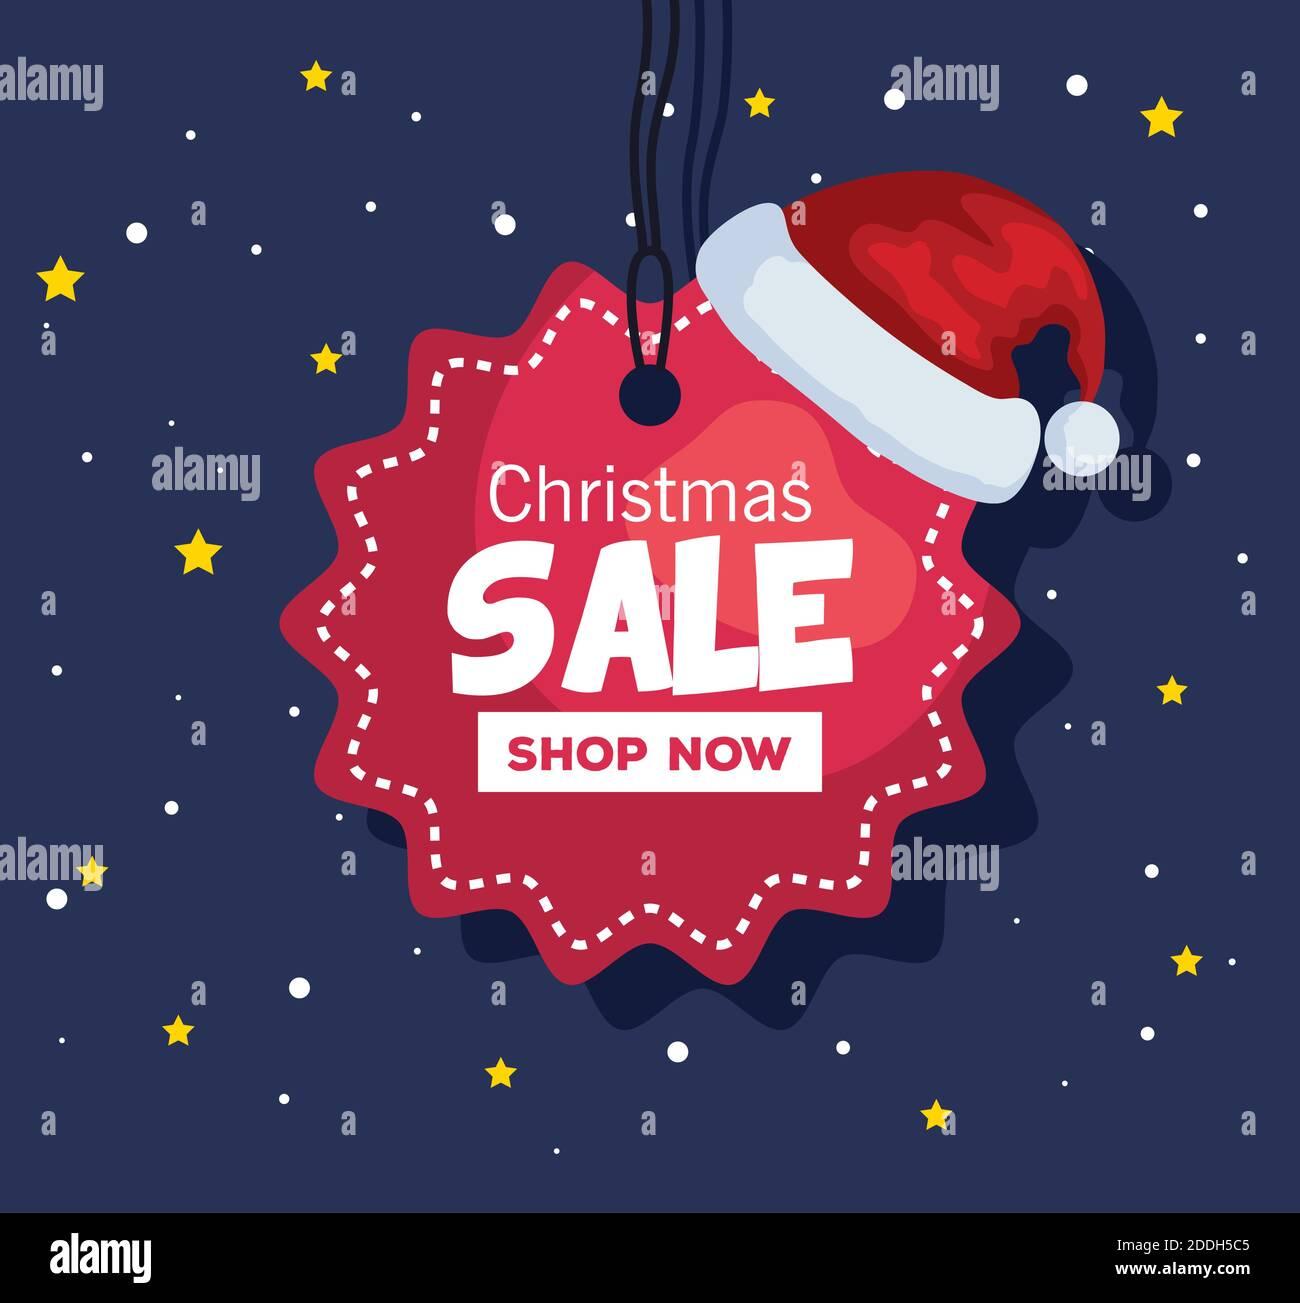 merry christmas oferta venta etiqueta con sombrero vector diseño Ilustración del Vector